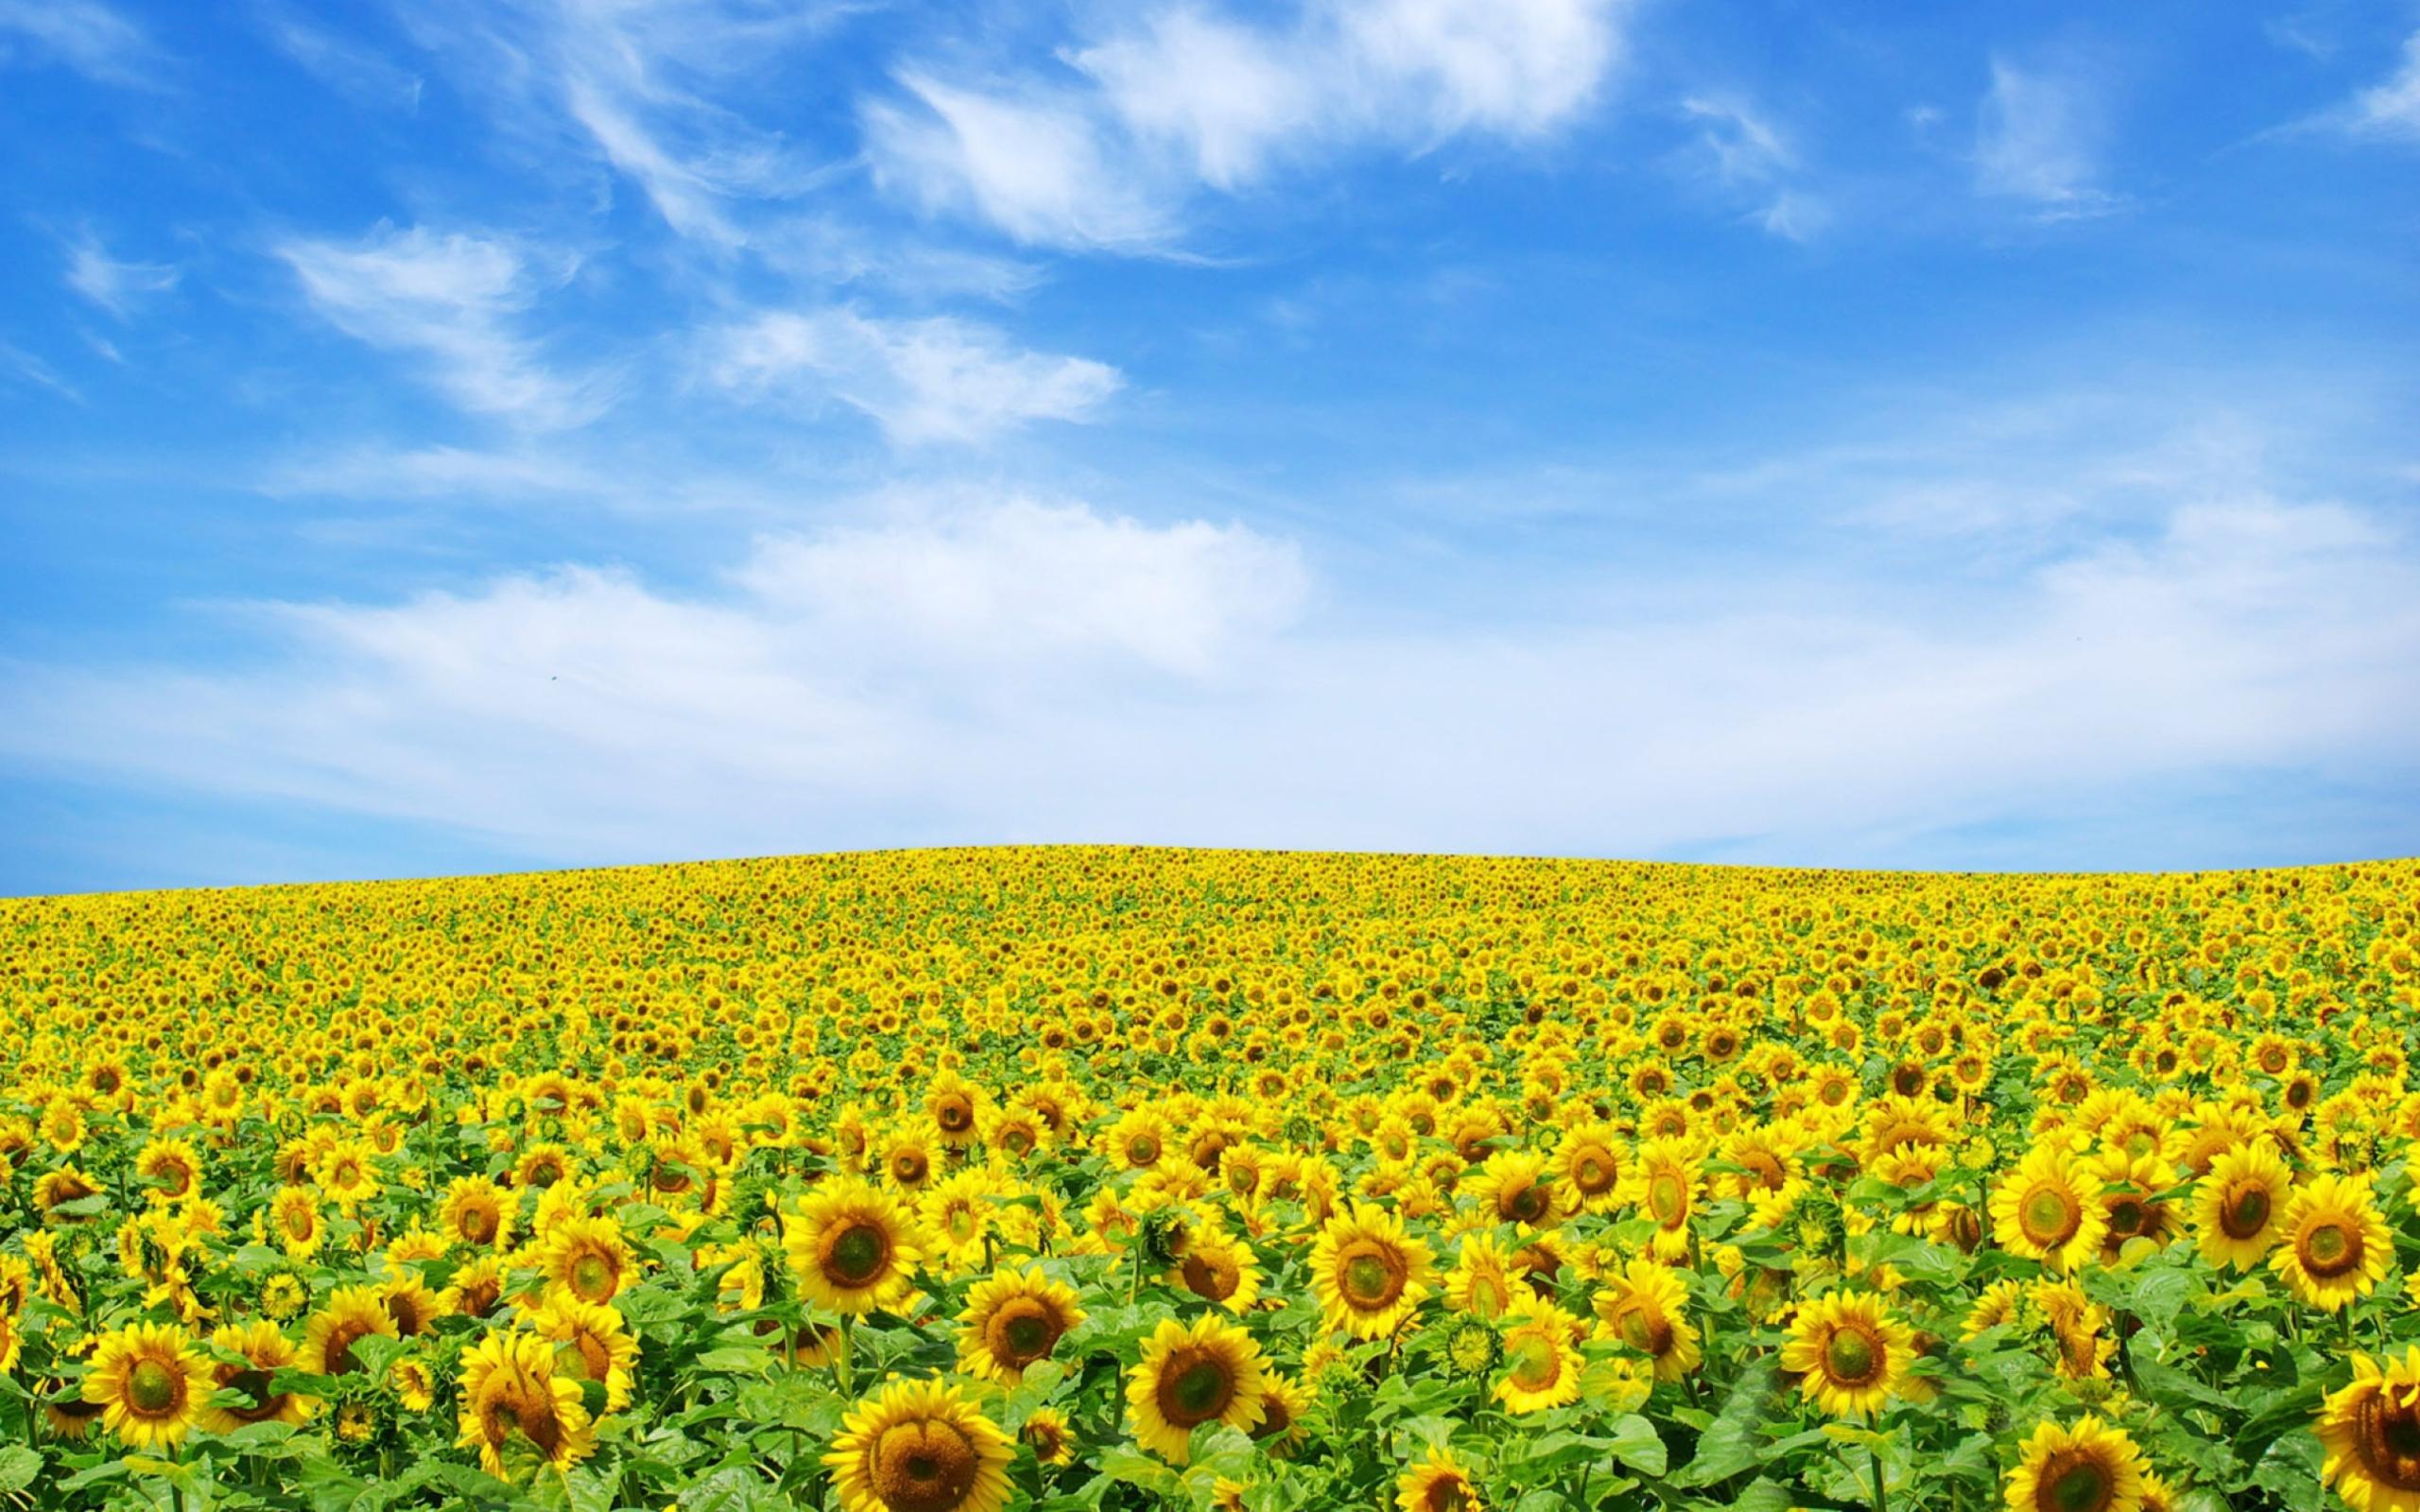 подсолнухи поле sunflowers field  № 419086 загрузить